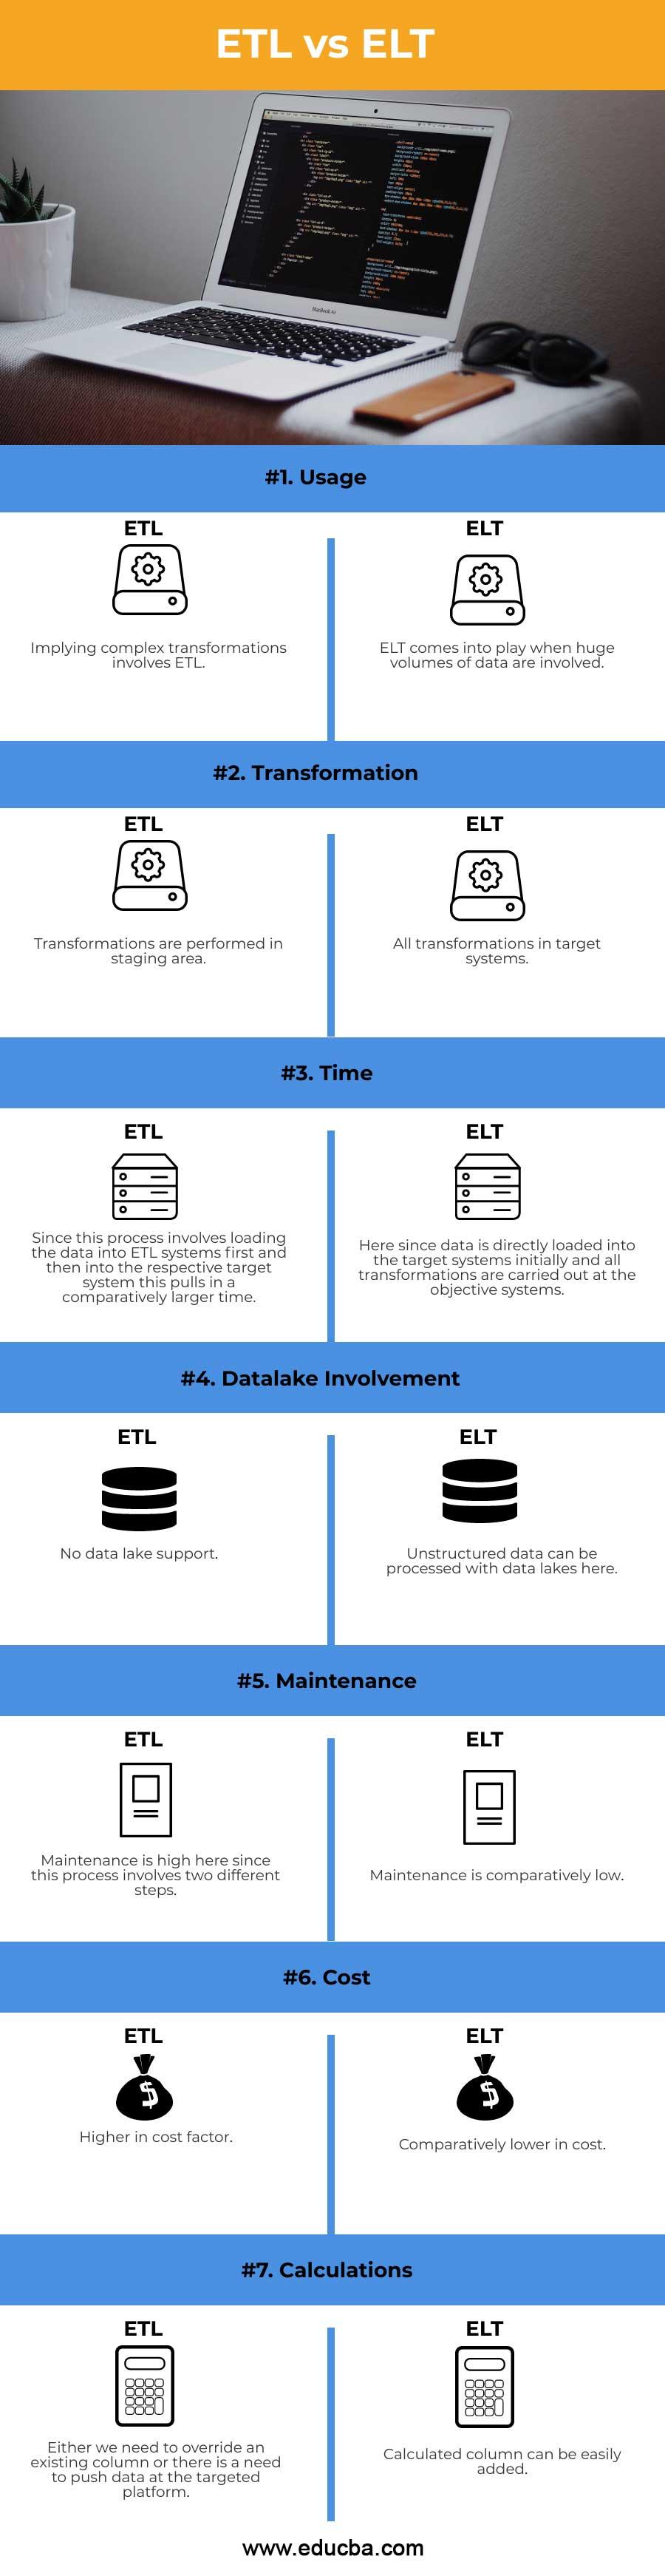 ETL-vs-ELT-info